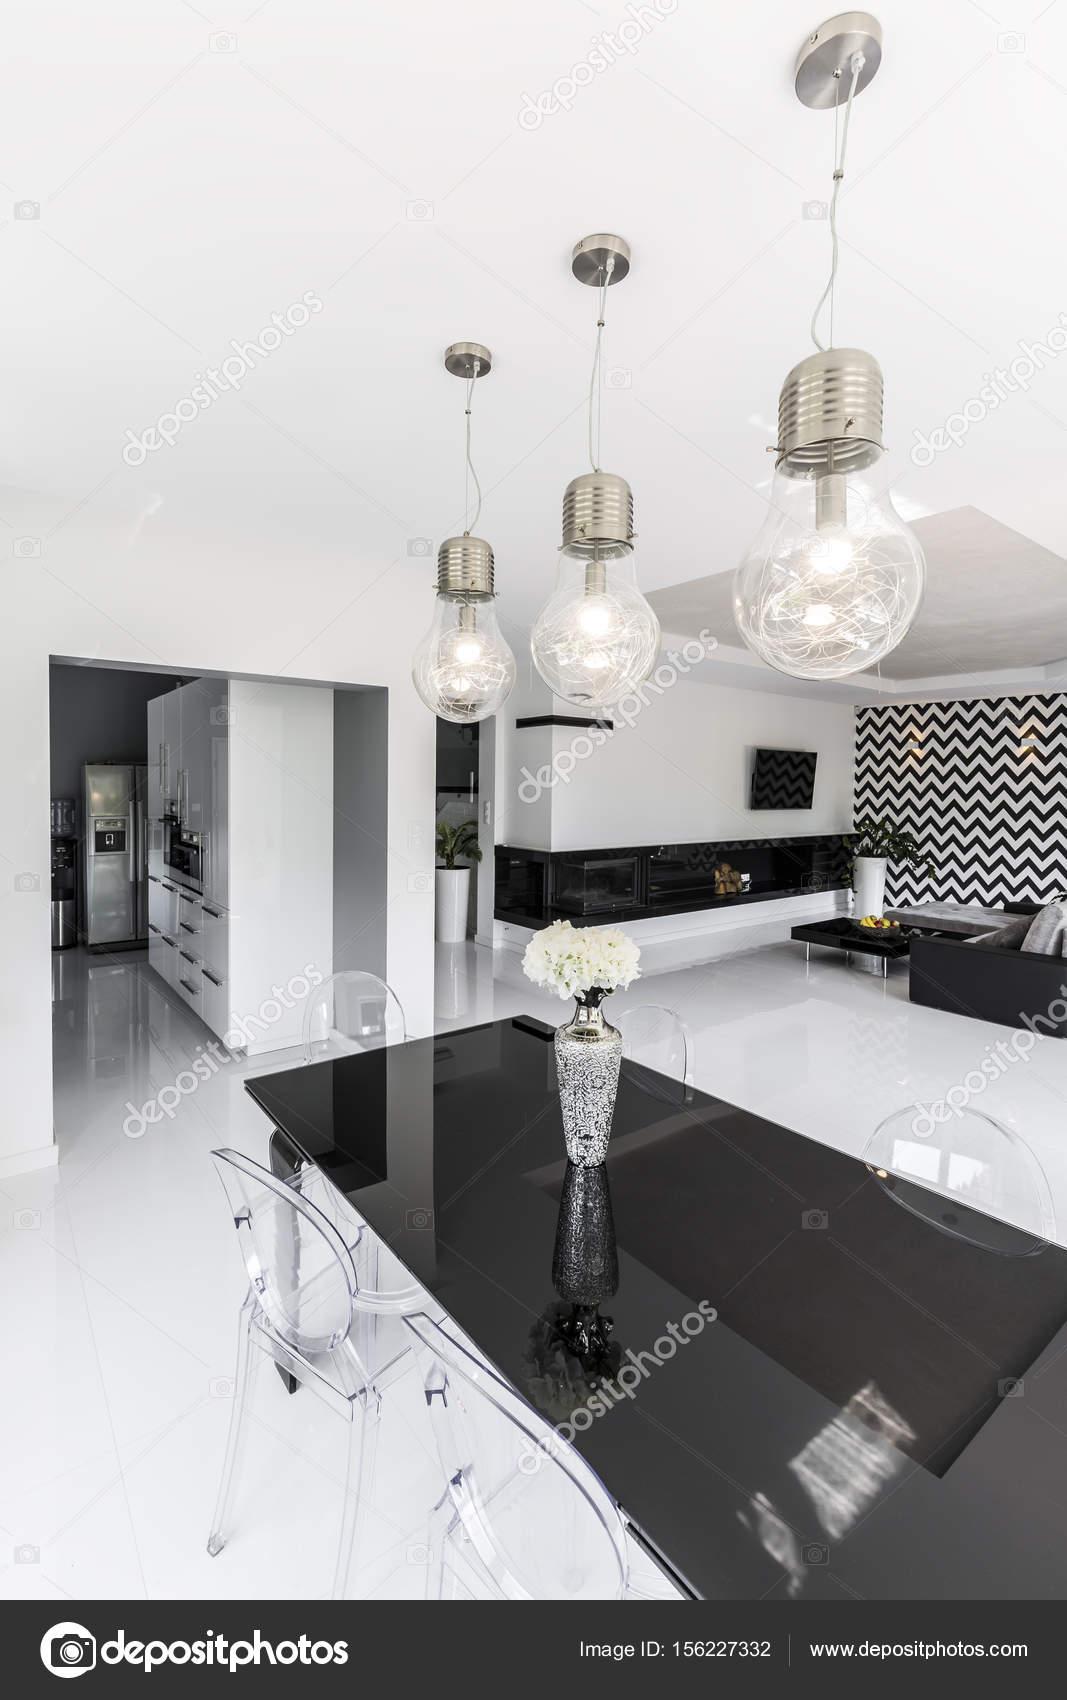 Witte Tafel Zwarte Stoelen.Zwarte Tafel Met Transparante Plastic Stoel Wit Excellente Gebied